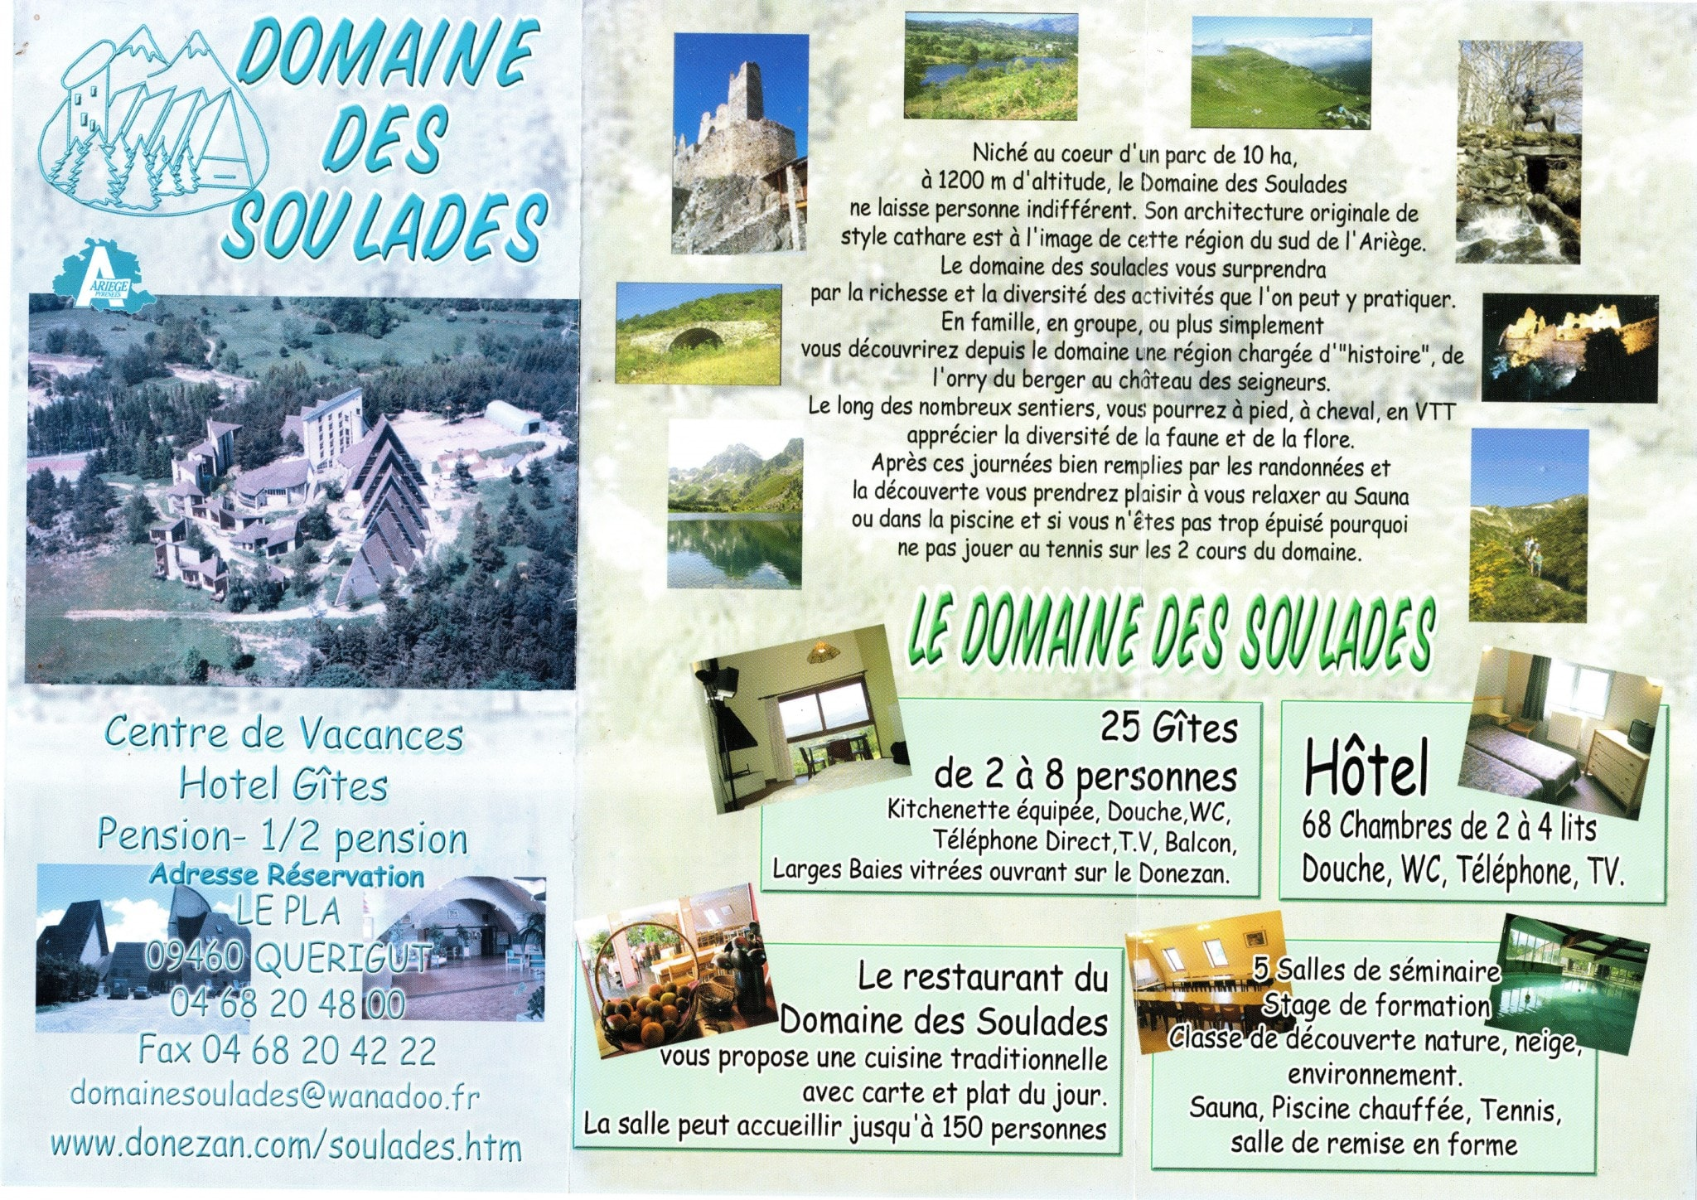 Hauts de Donezan – Domaine des Soulades | urbexsession.com/haut-de-donezan-domaine-des-soulades | Urbex France